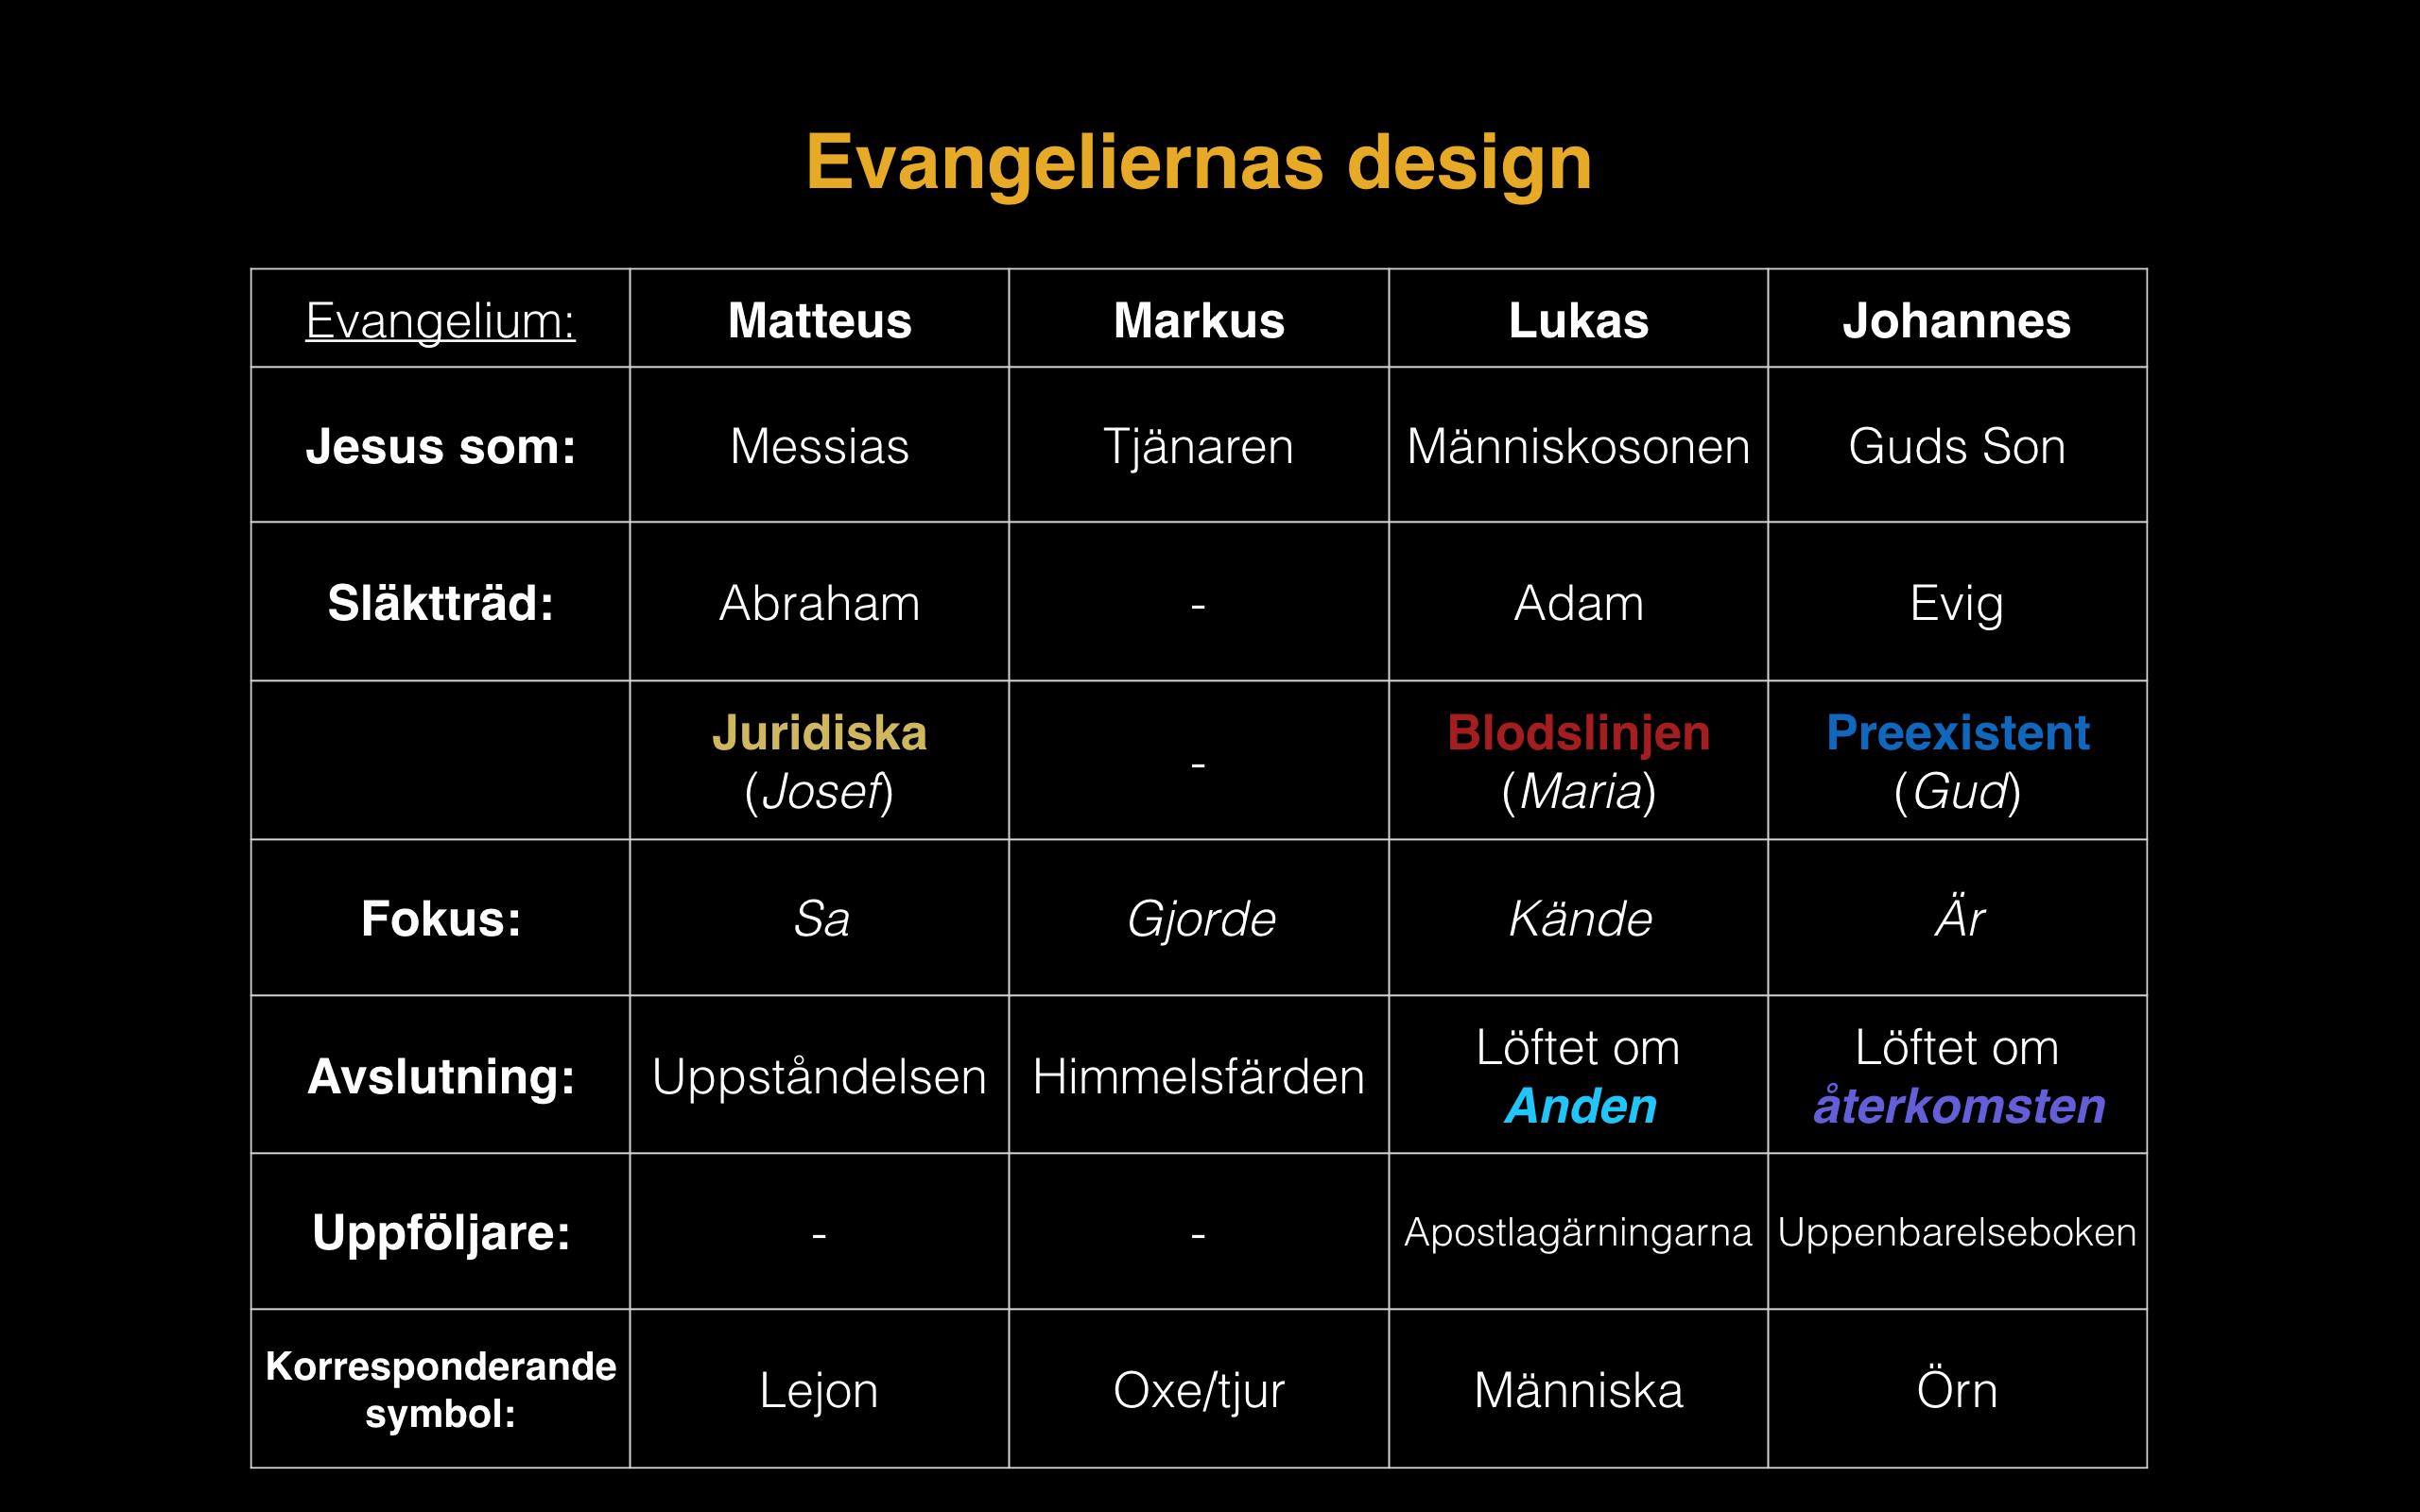 Evangeliernas design